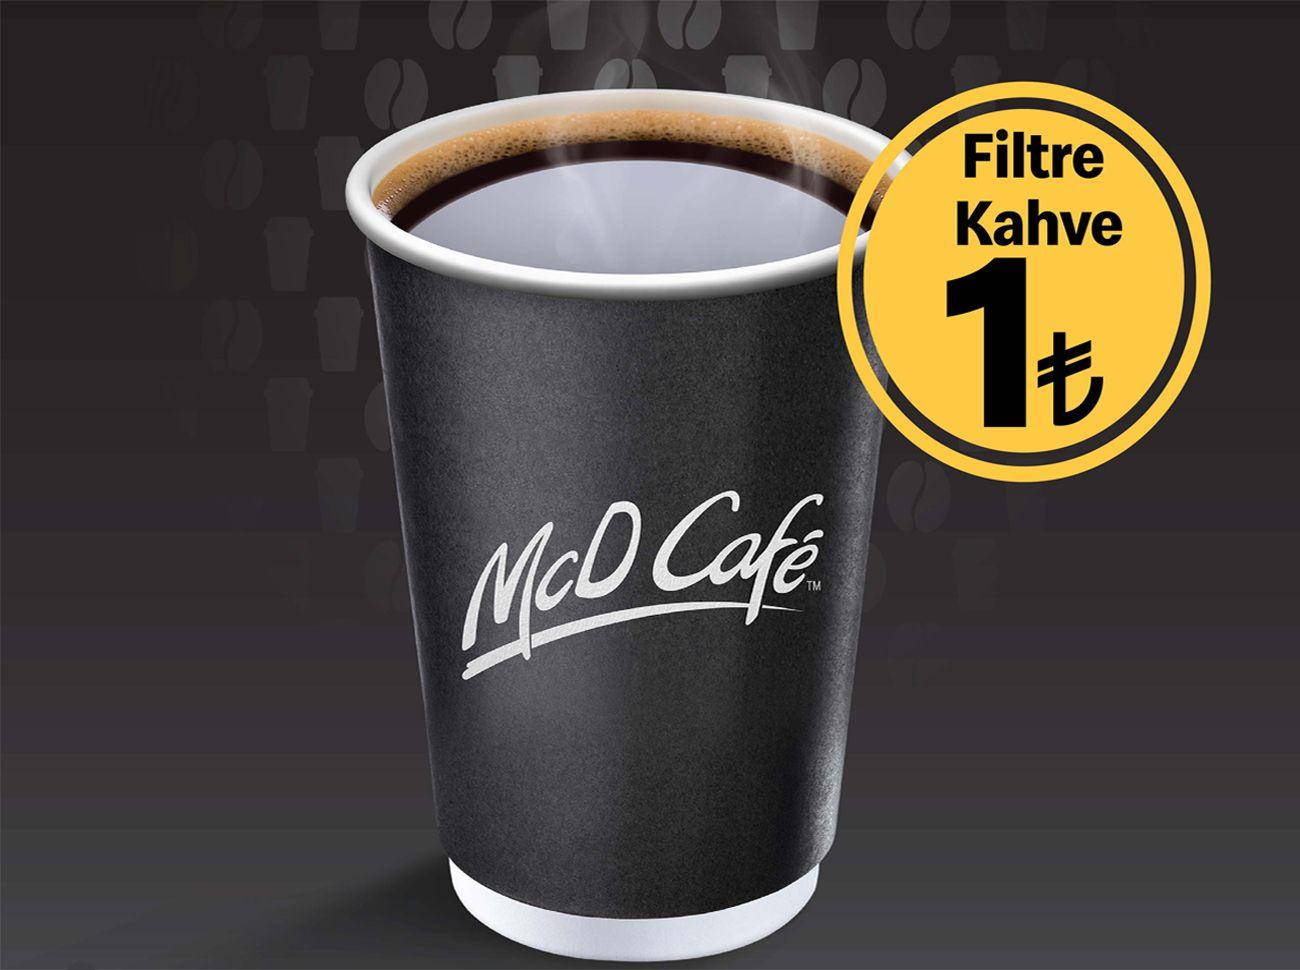 McDonald's'tan İyi Kahve İyi Fiyata Kampanyası